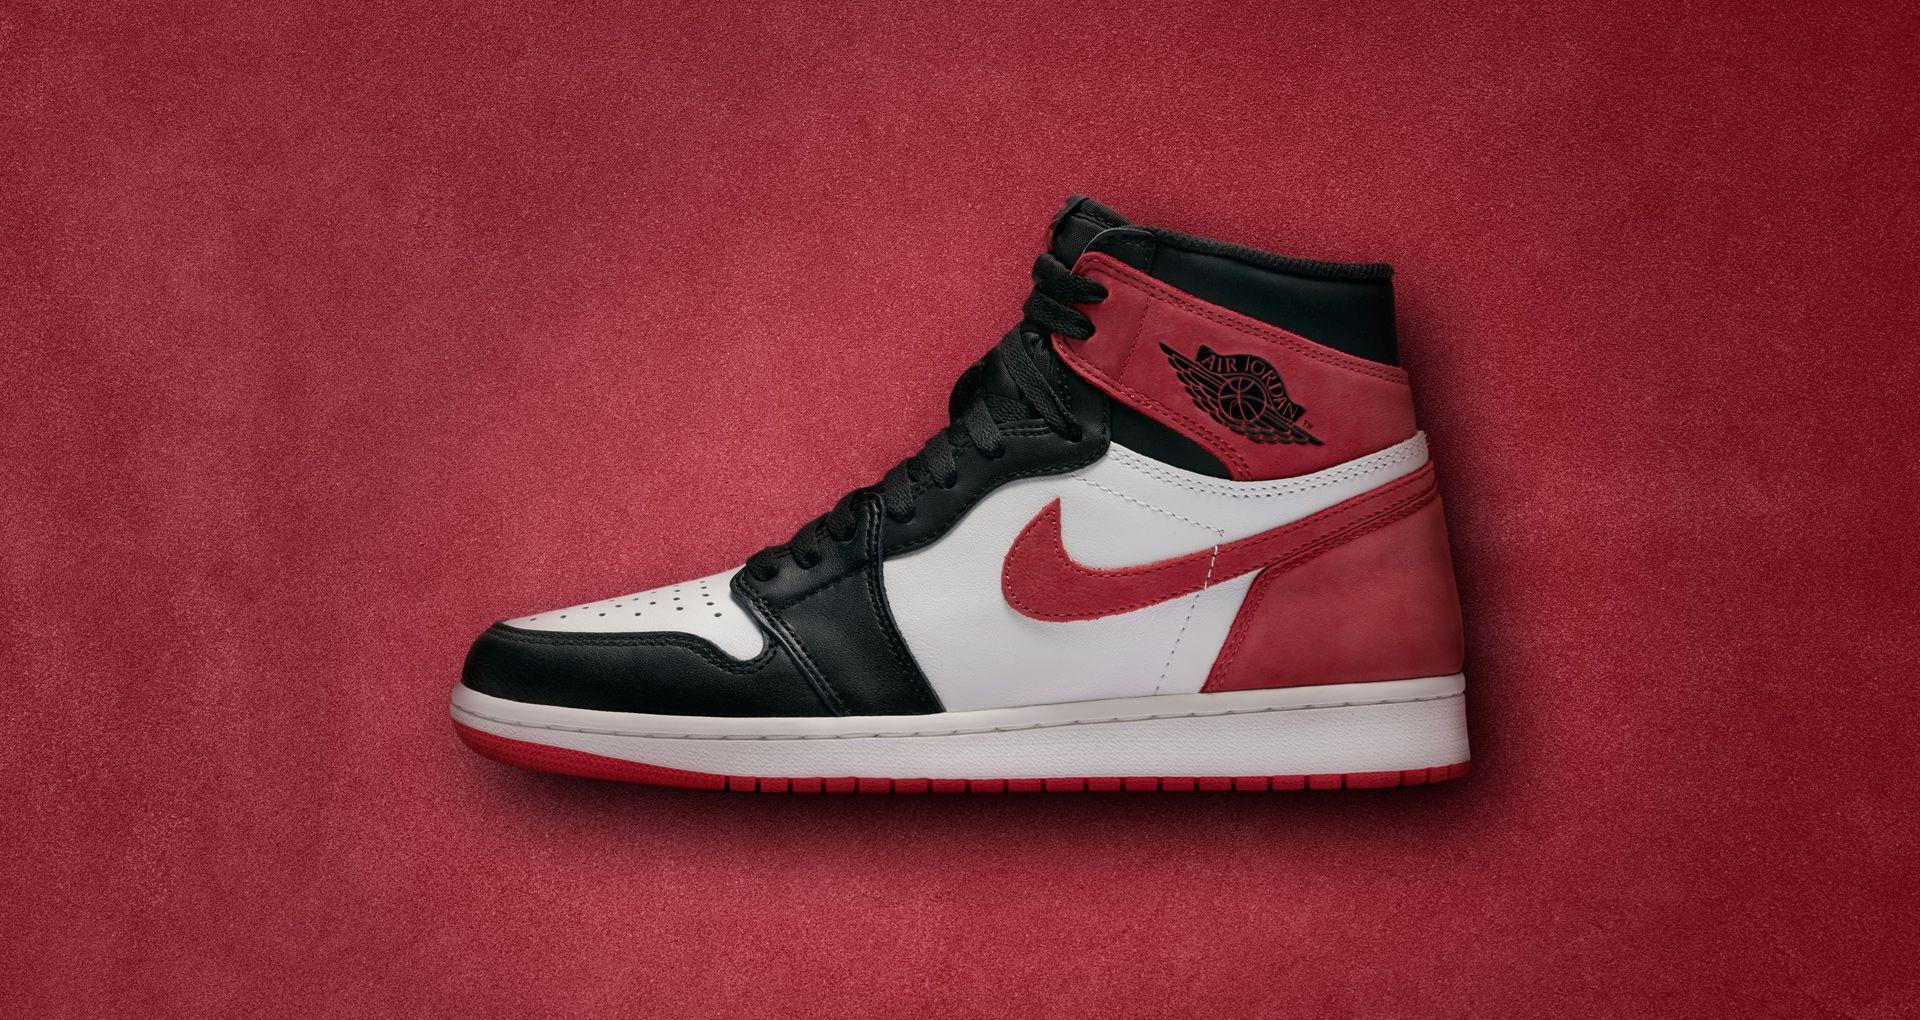 nike air jordan red and black